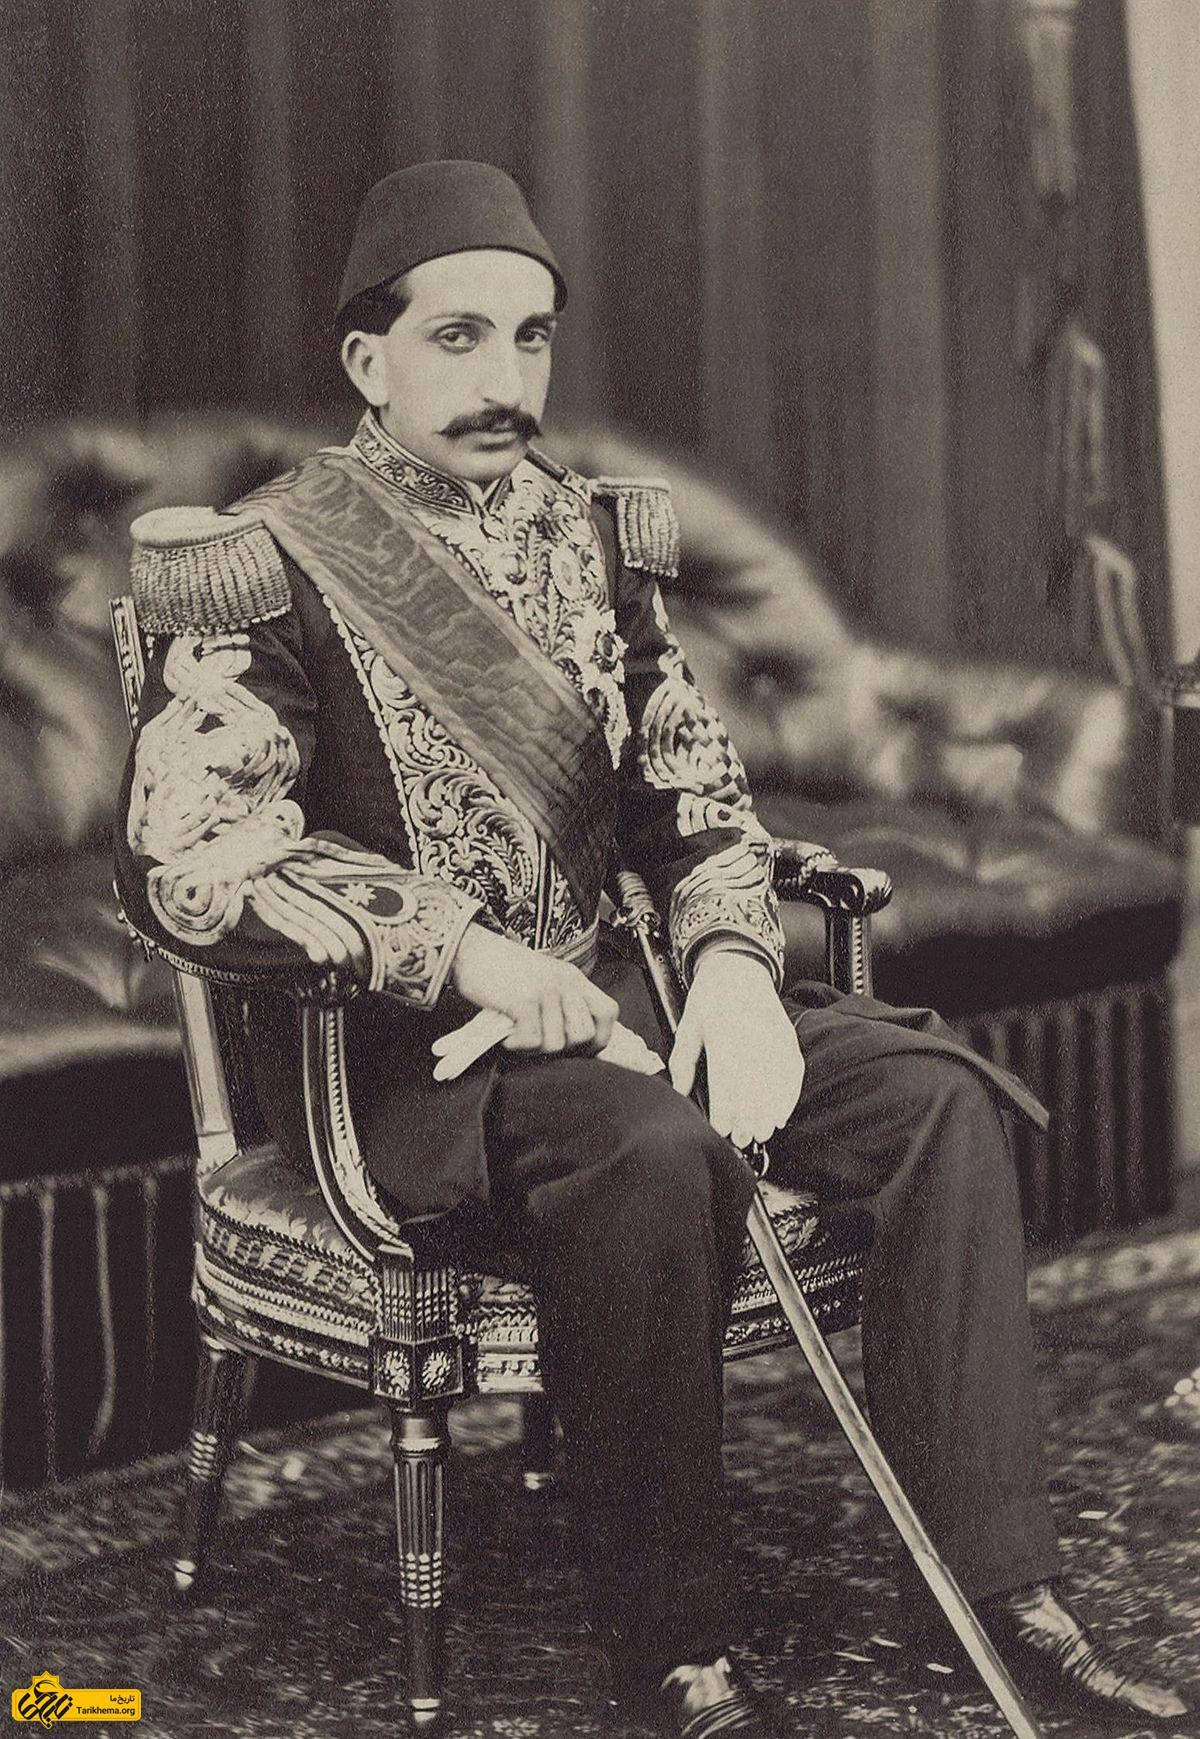 عبدالحمید دوم (به ترکی عثمانی: عبد الحمید ثانی) سی و چهارمین سلطان و خلیفه امپراتوری عثمانی بود که در ۳۱ اوت ۱۸۷۶ تا ۲۷ آوریل ۱۹۰۹ در قلمرو عثمانی حکومت کرد.